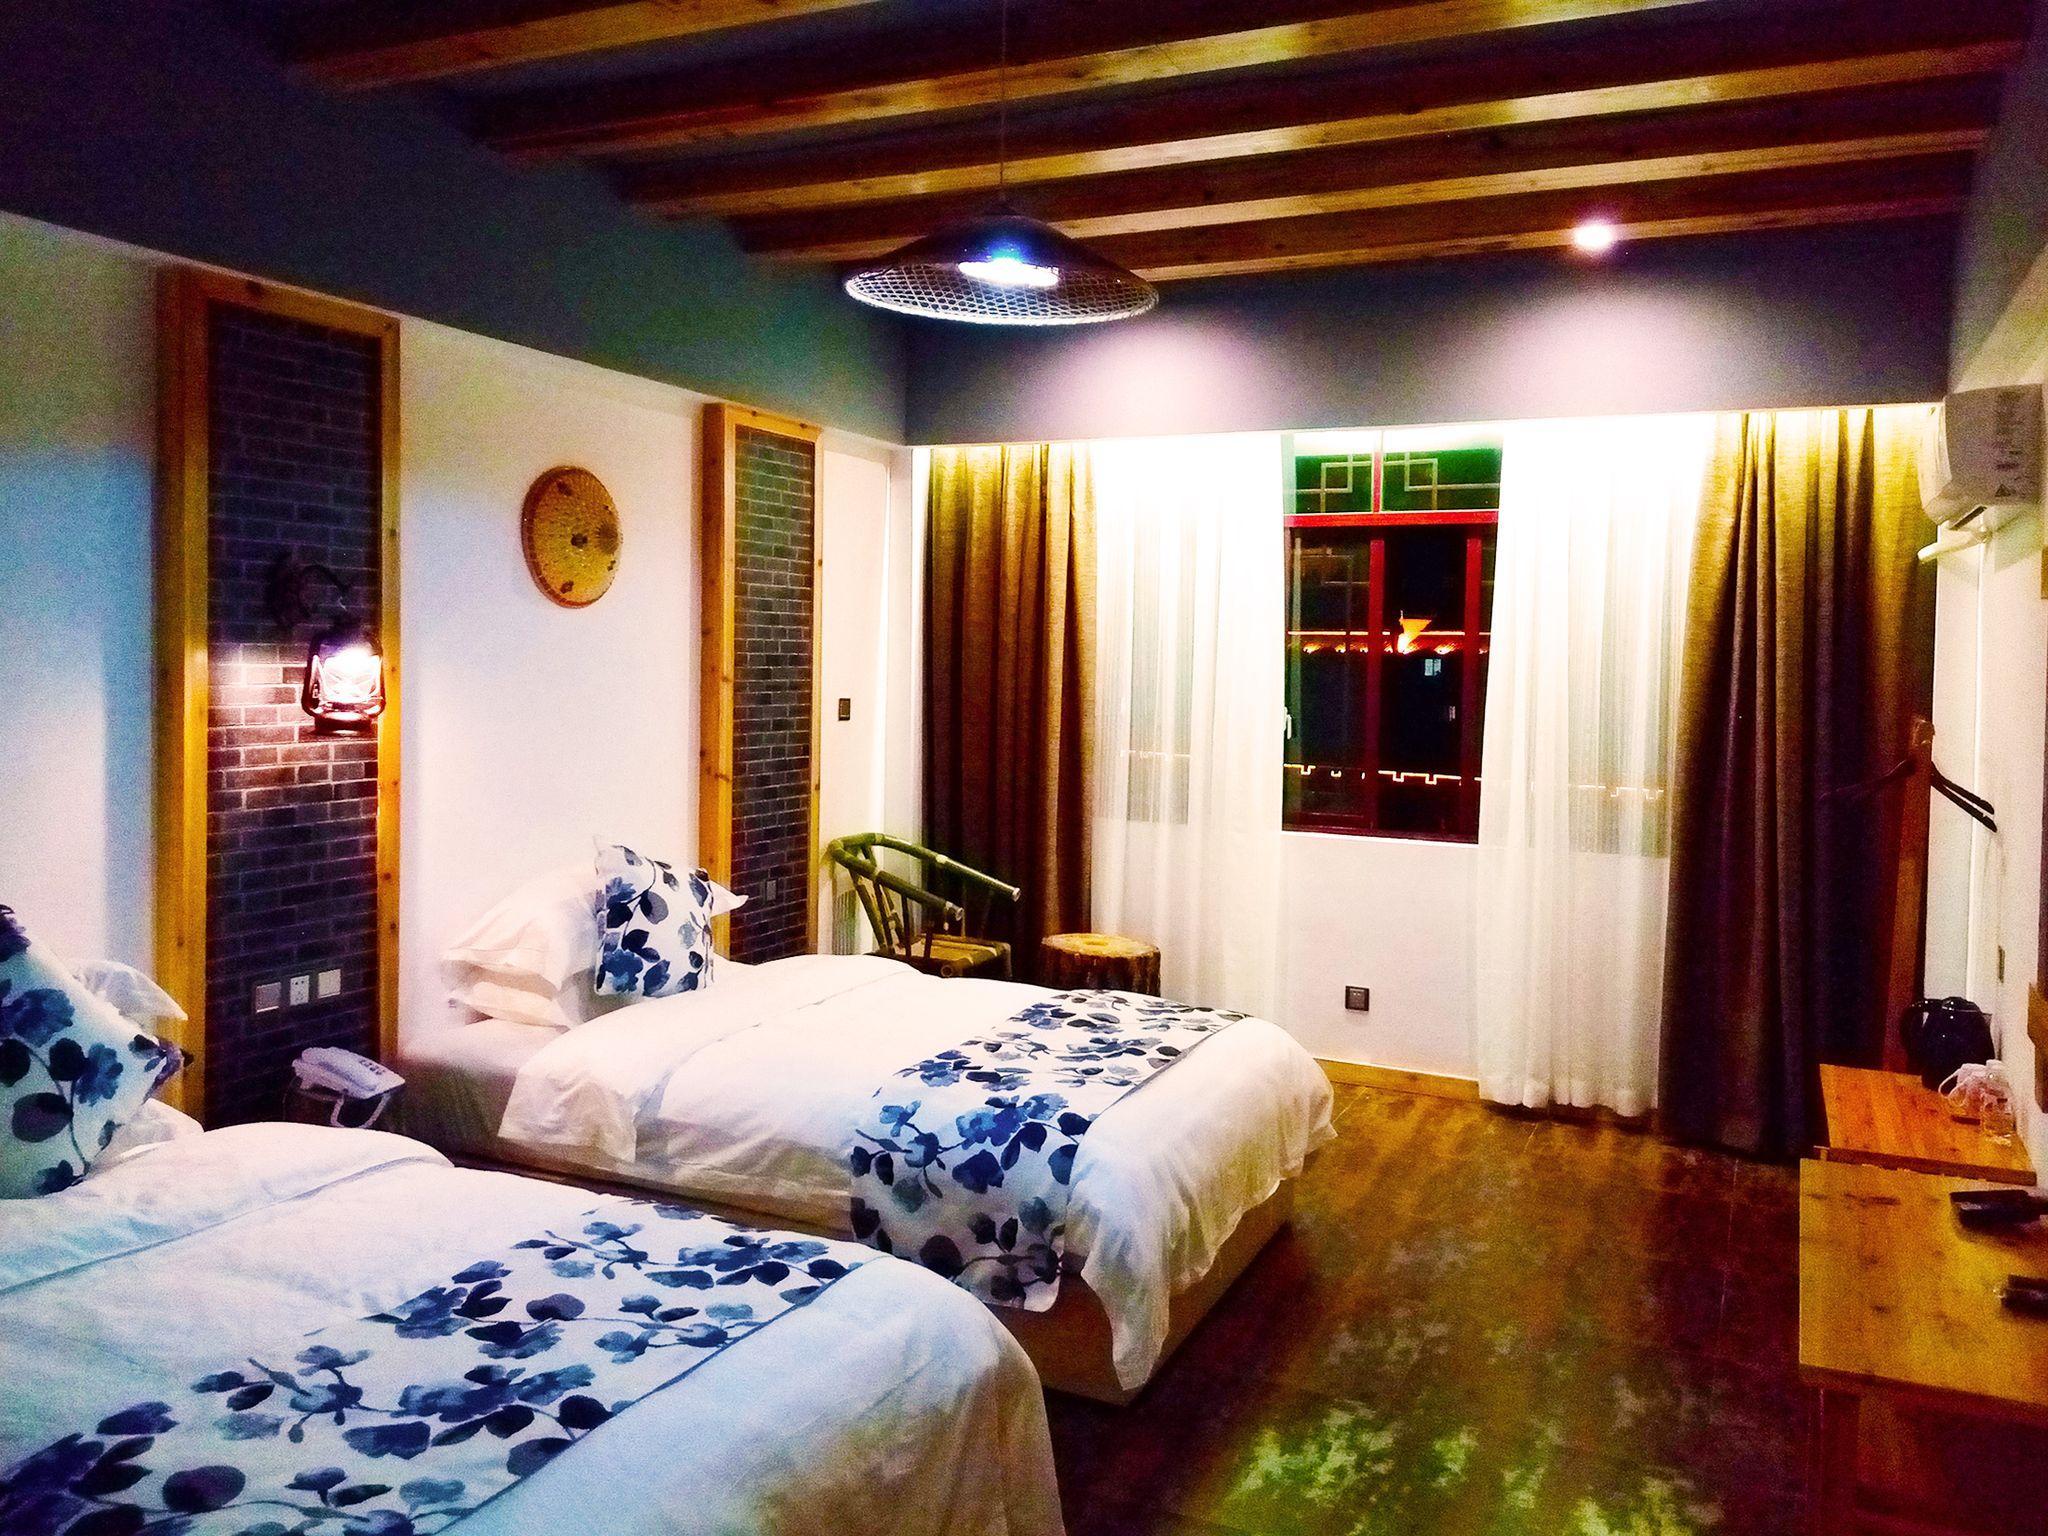 Zhenyuan Bu Luo Yododo Inn, Qiandongnan Miao and Dong